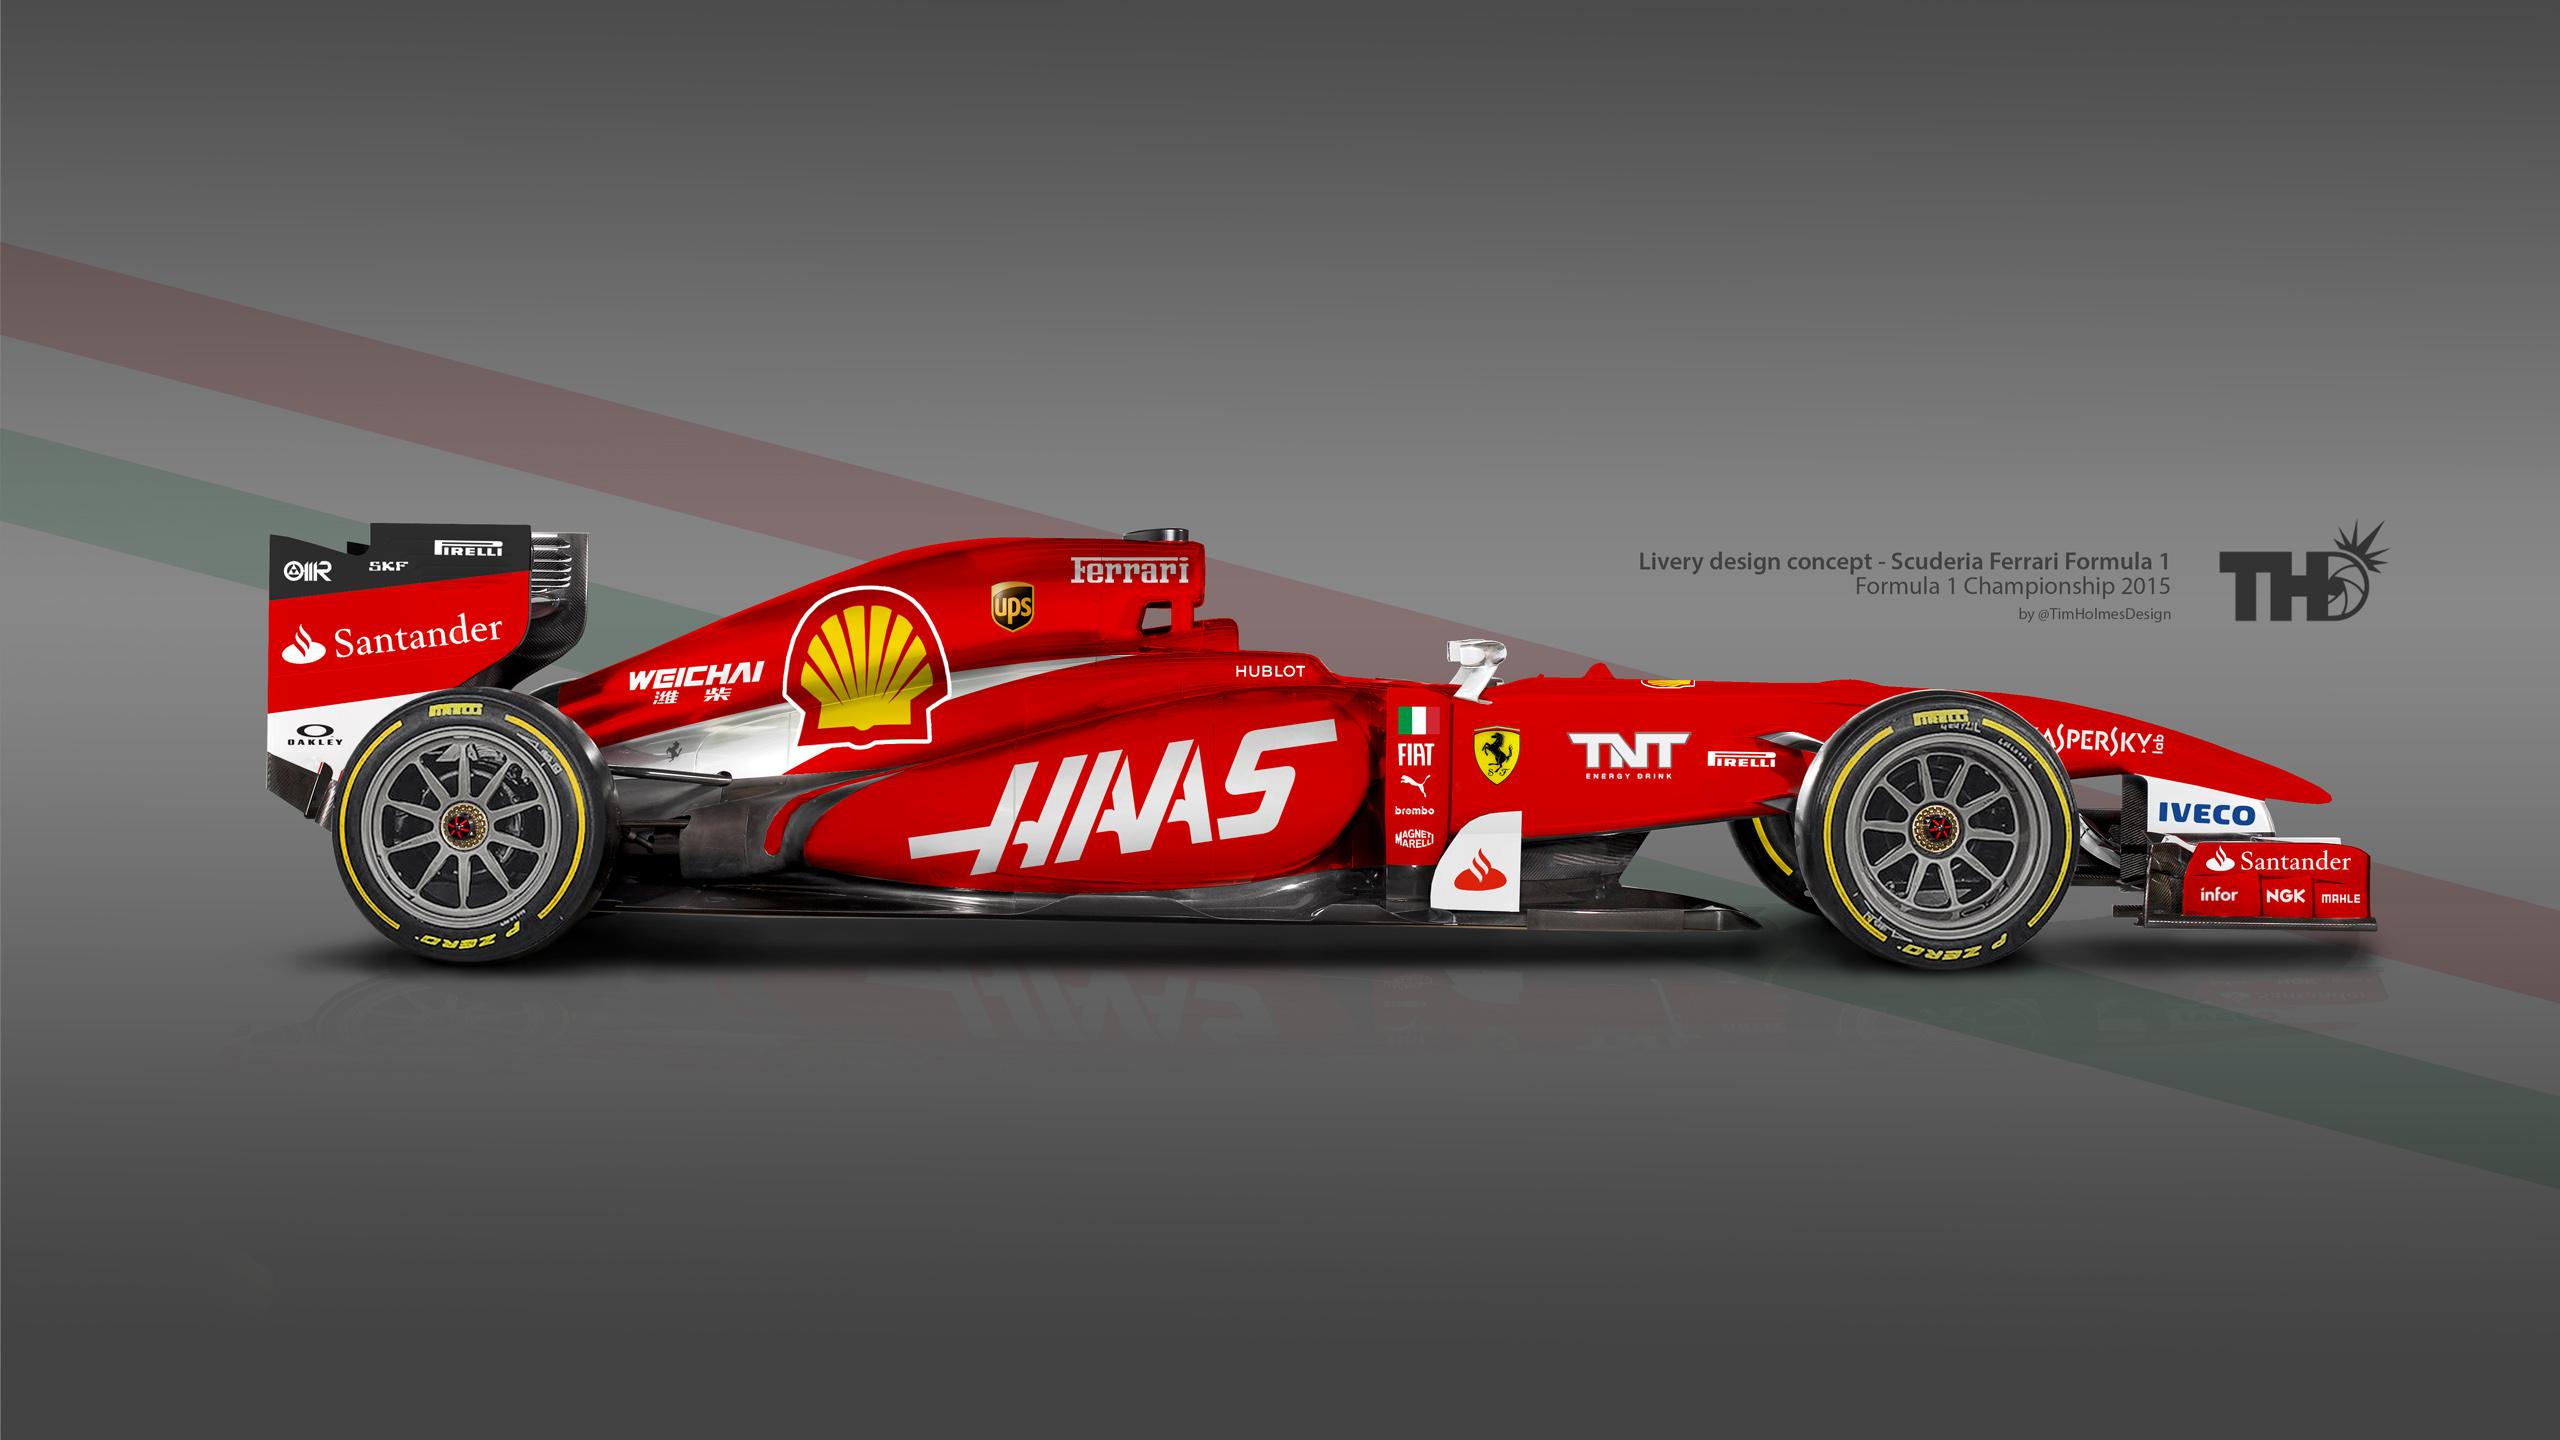 Ferrari Formula 1 2015 Wallpaper HD Car Wallpapers 2560x1440